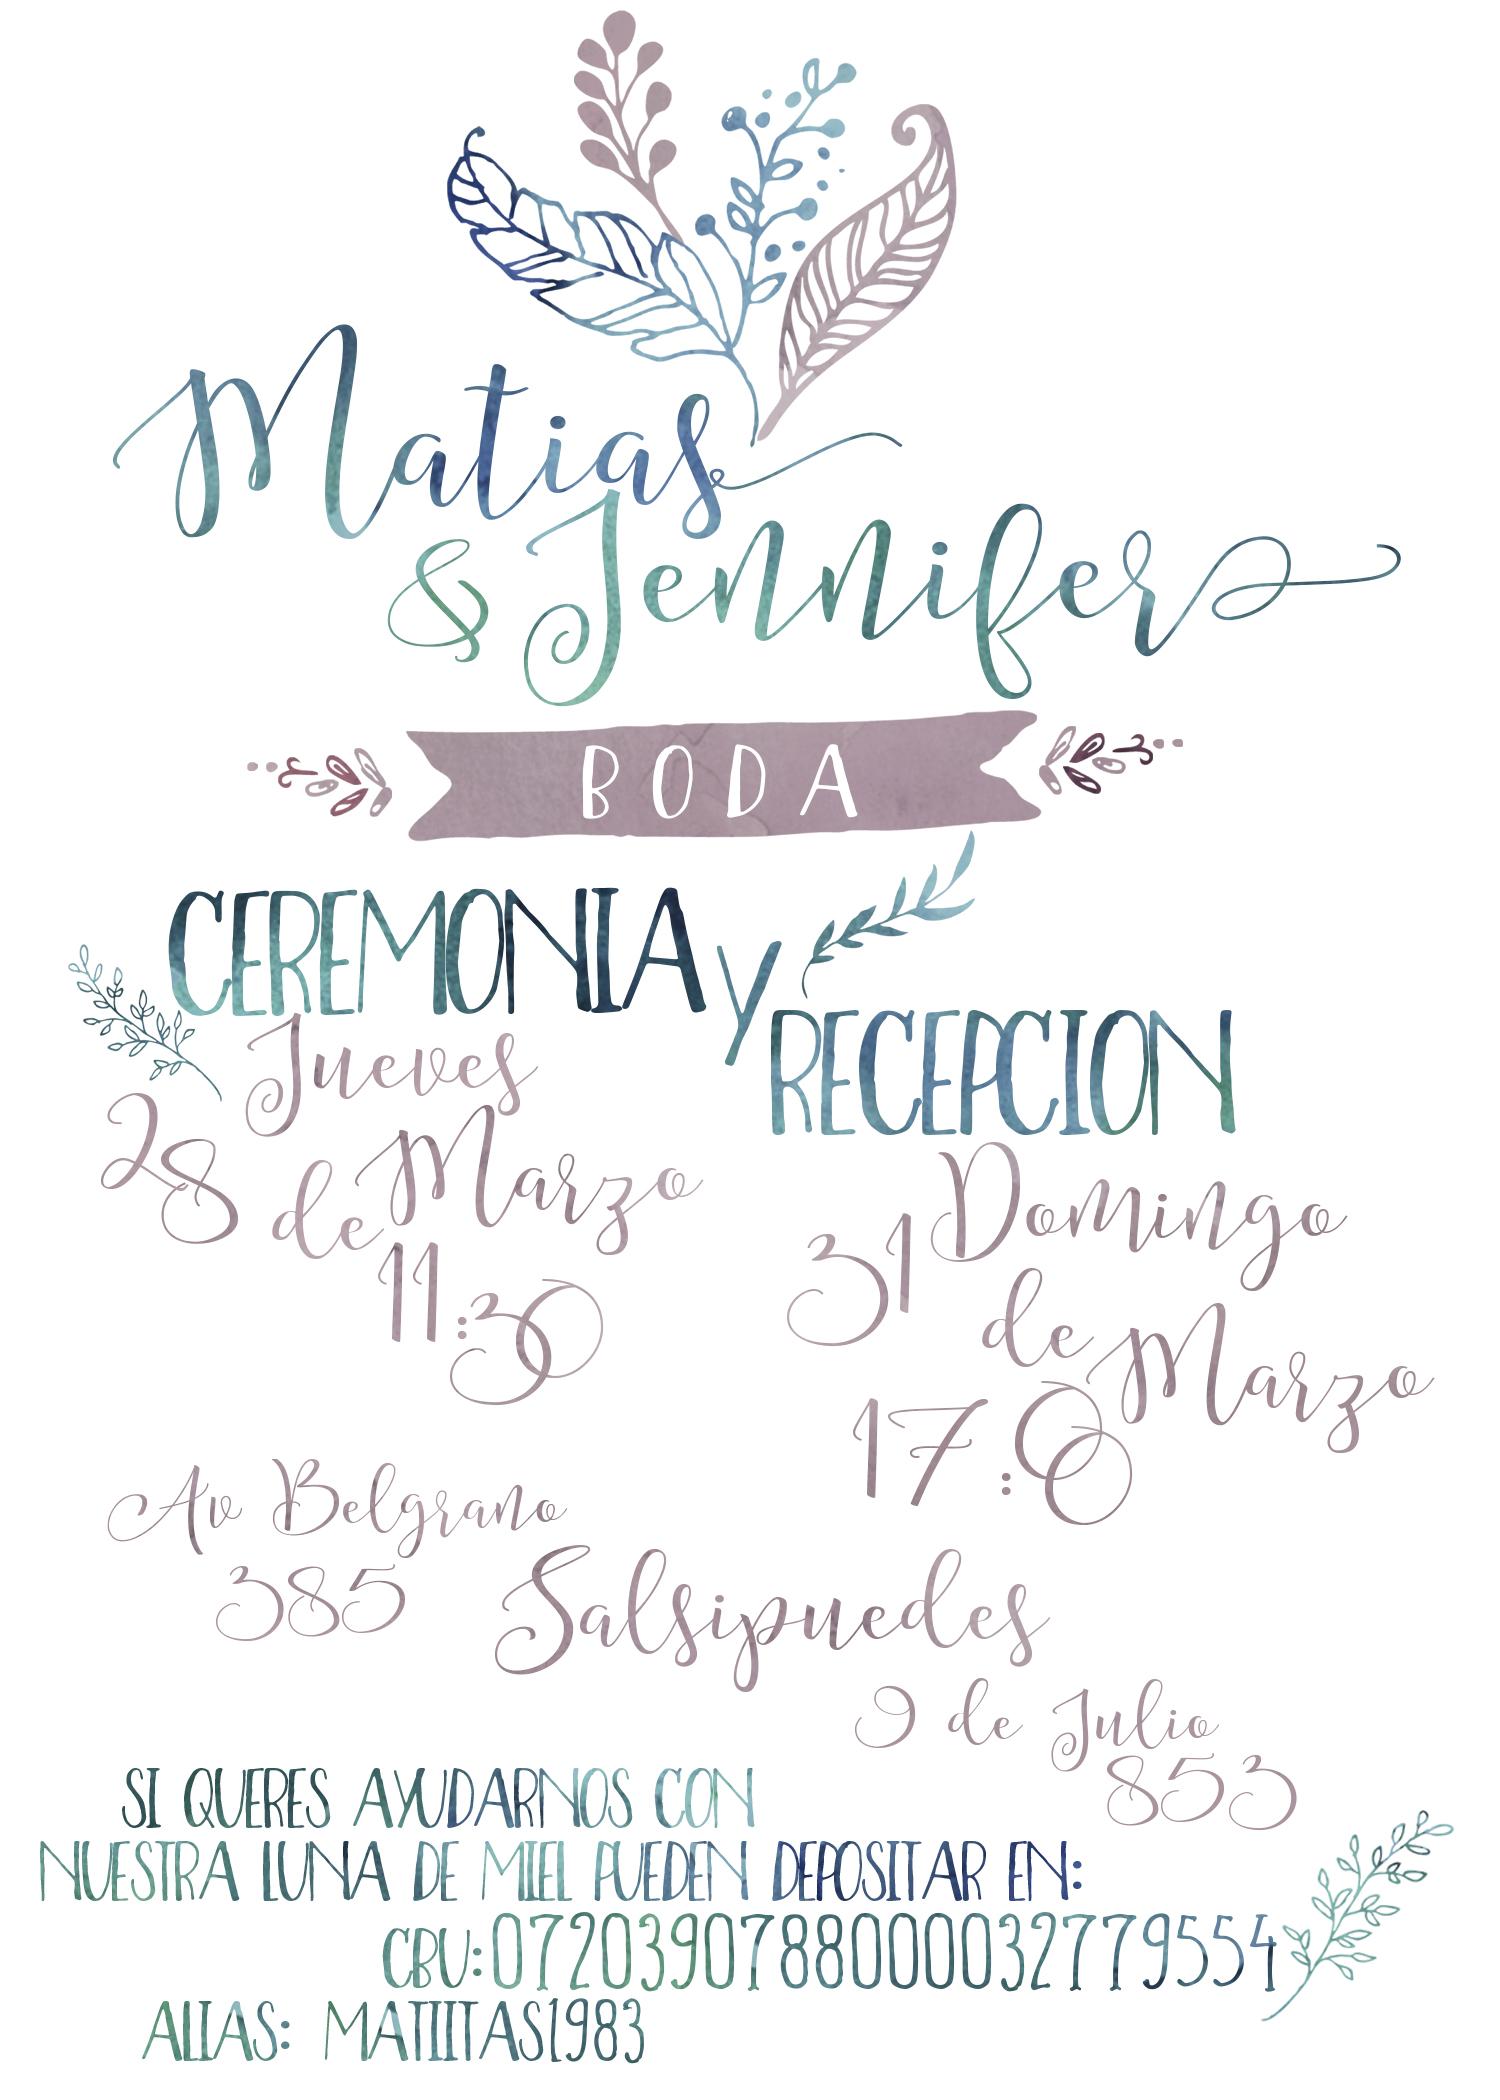 Wedding Invitation // Invitaciones de Boda